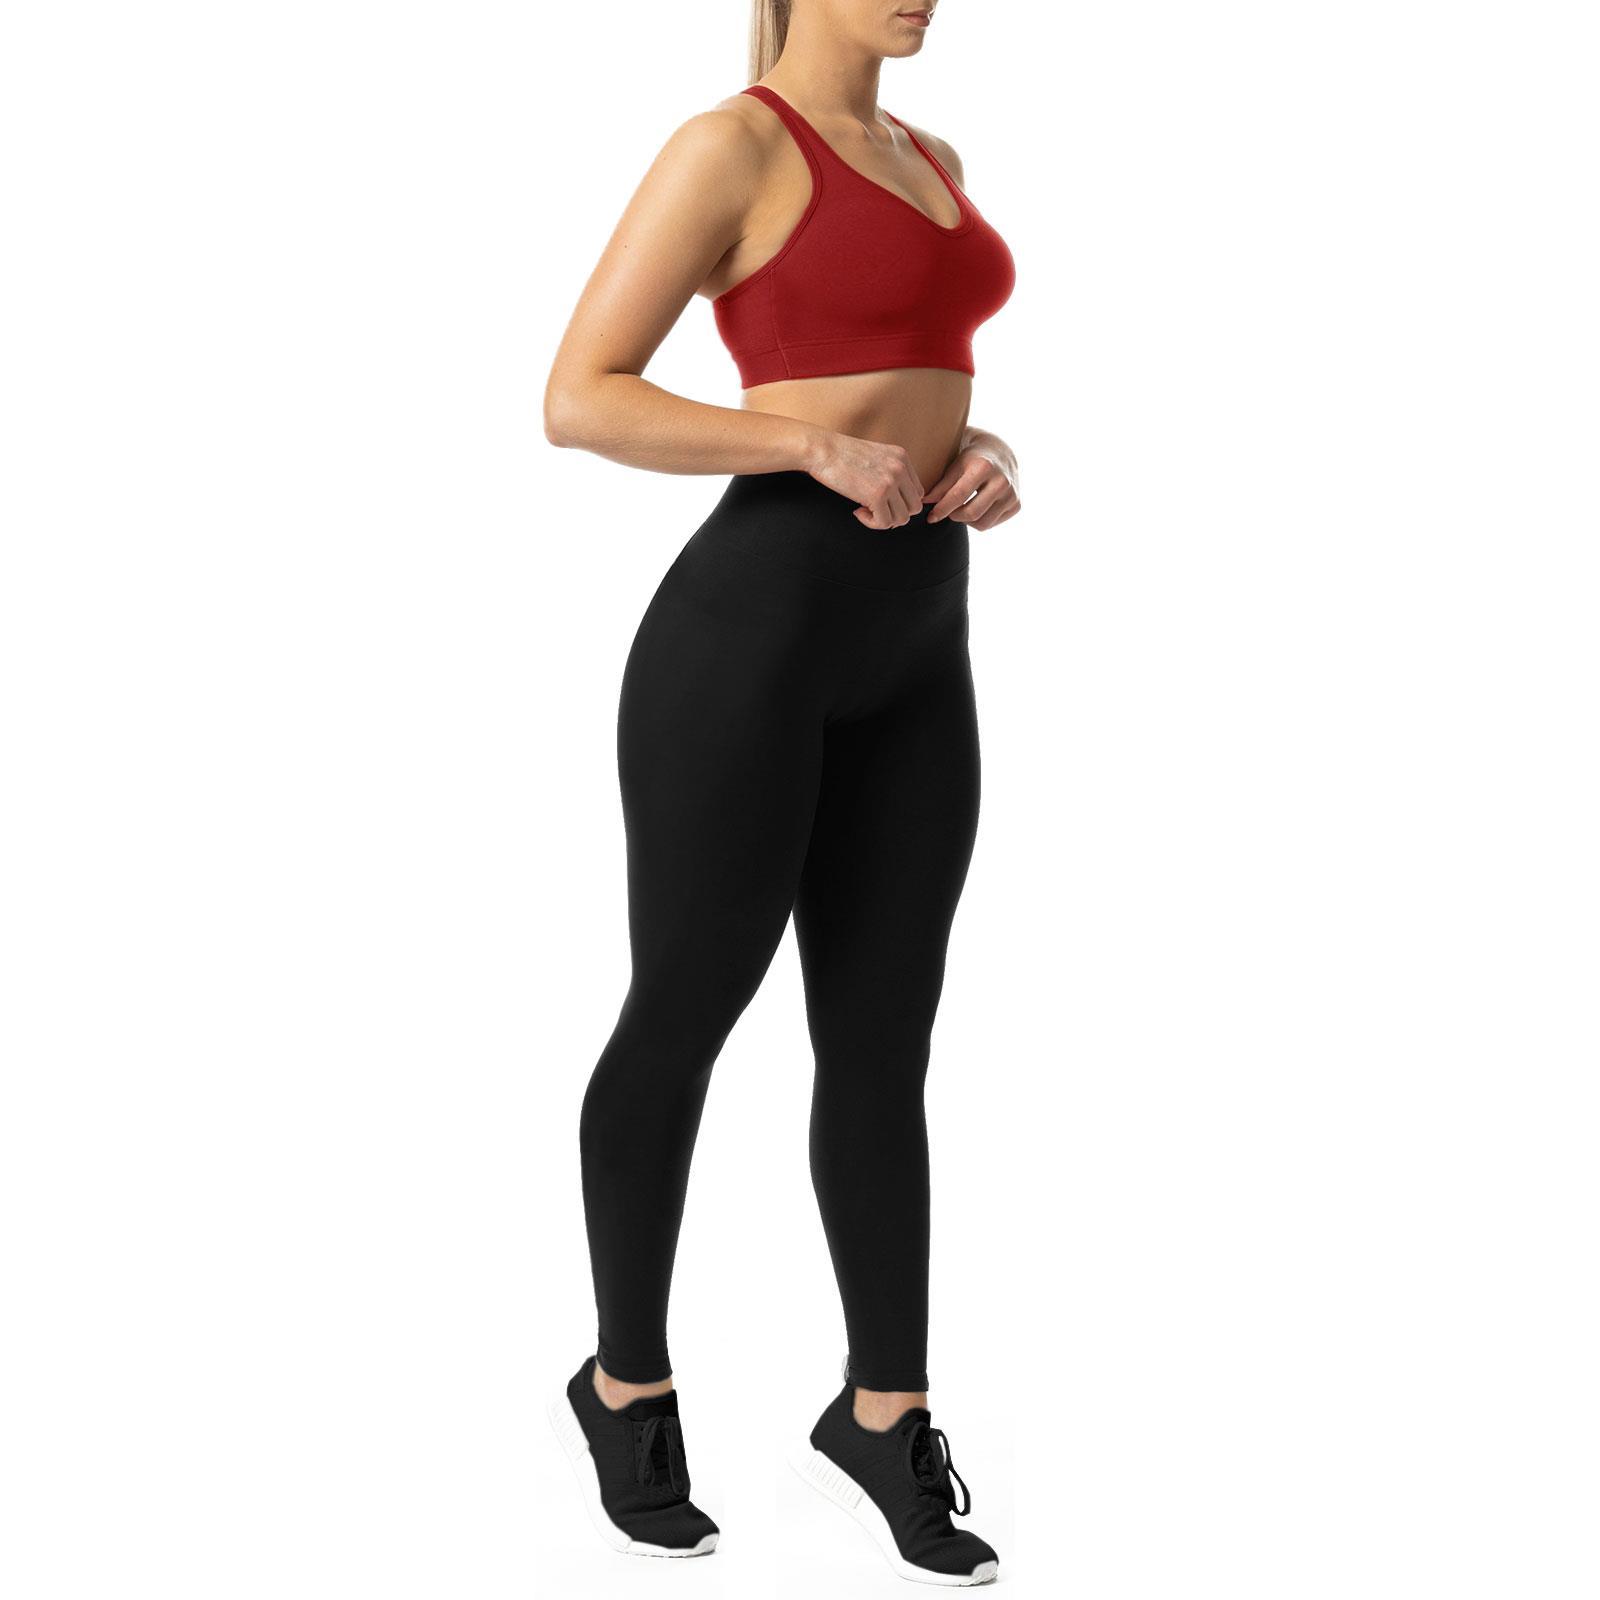 Writtian Pantaloni da yoga da donna,Leggings Donna Fitness Pantaloni Sportivi Yoga Vita Alta Controllo Della Pancia Opaco Elastici Morbido